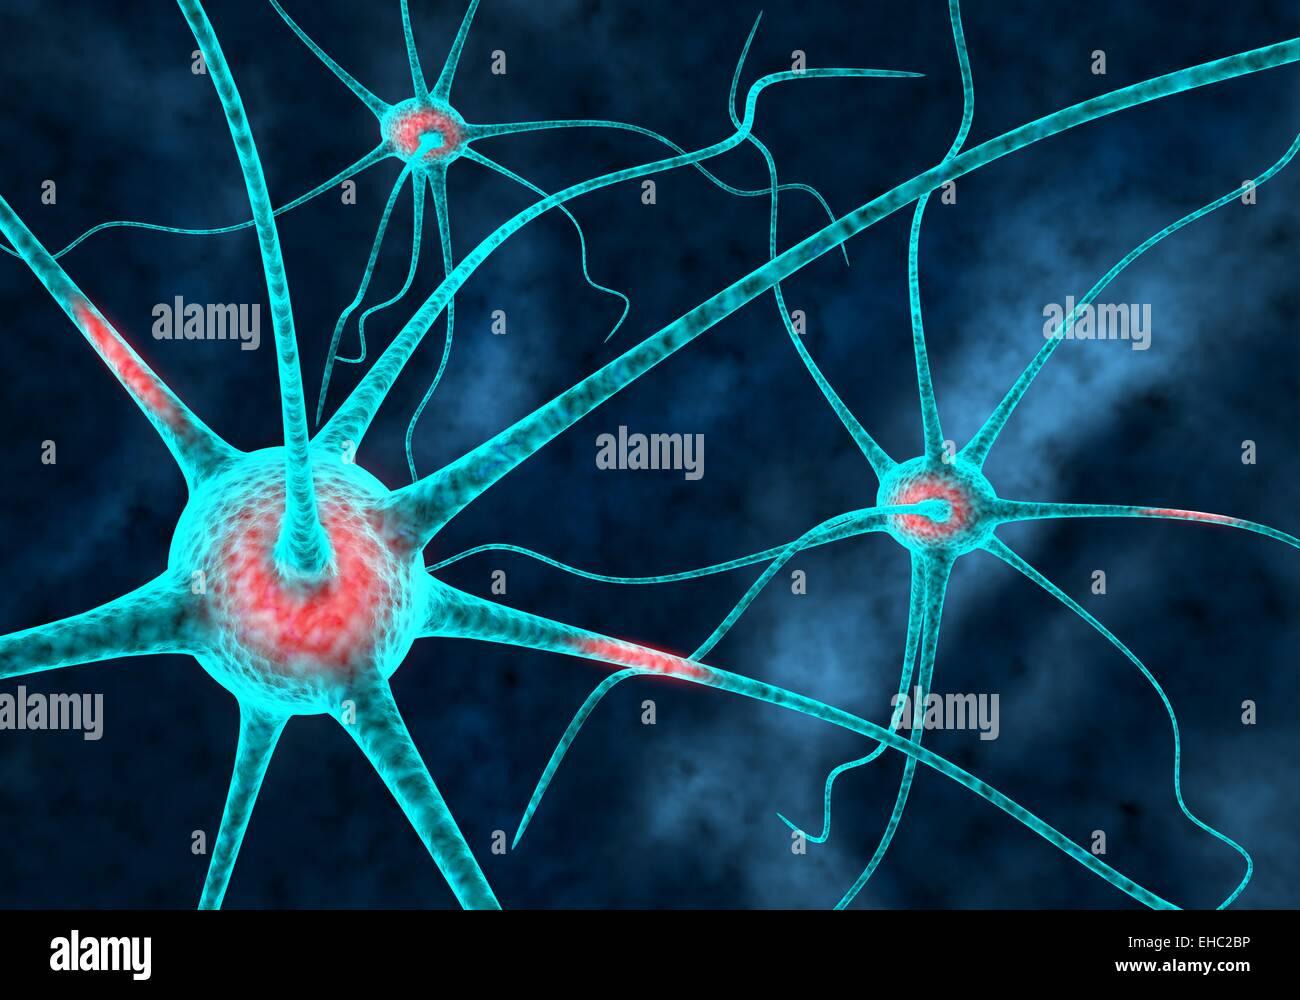 Las neuronas cerebrales conectados ilustración con axones y fondo oscuro Imagen De Stock